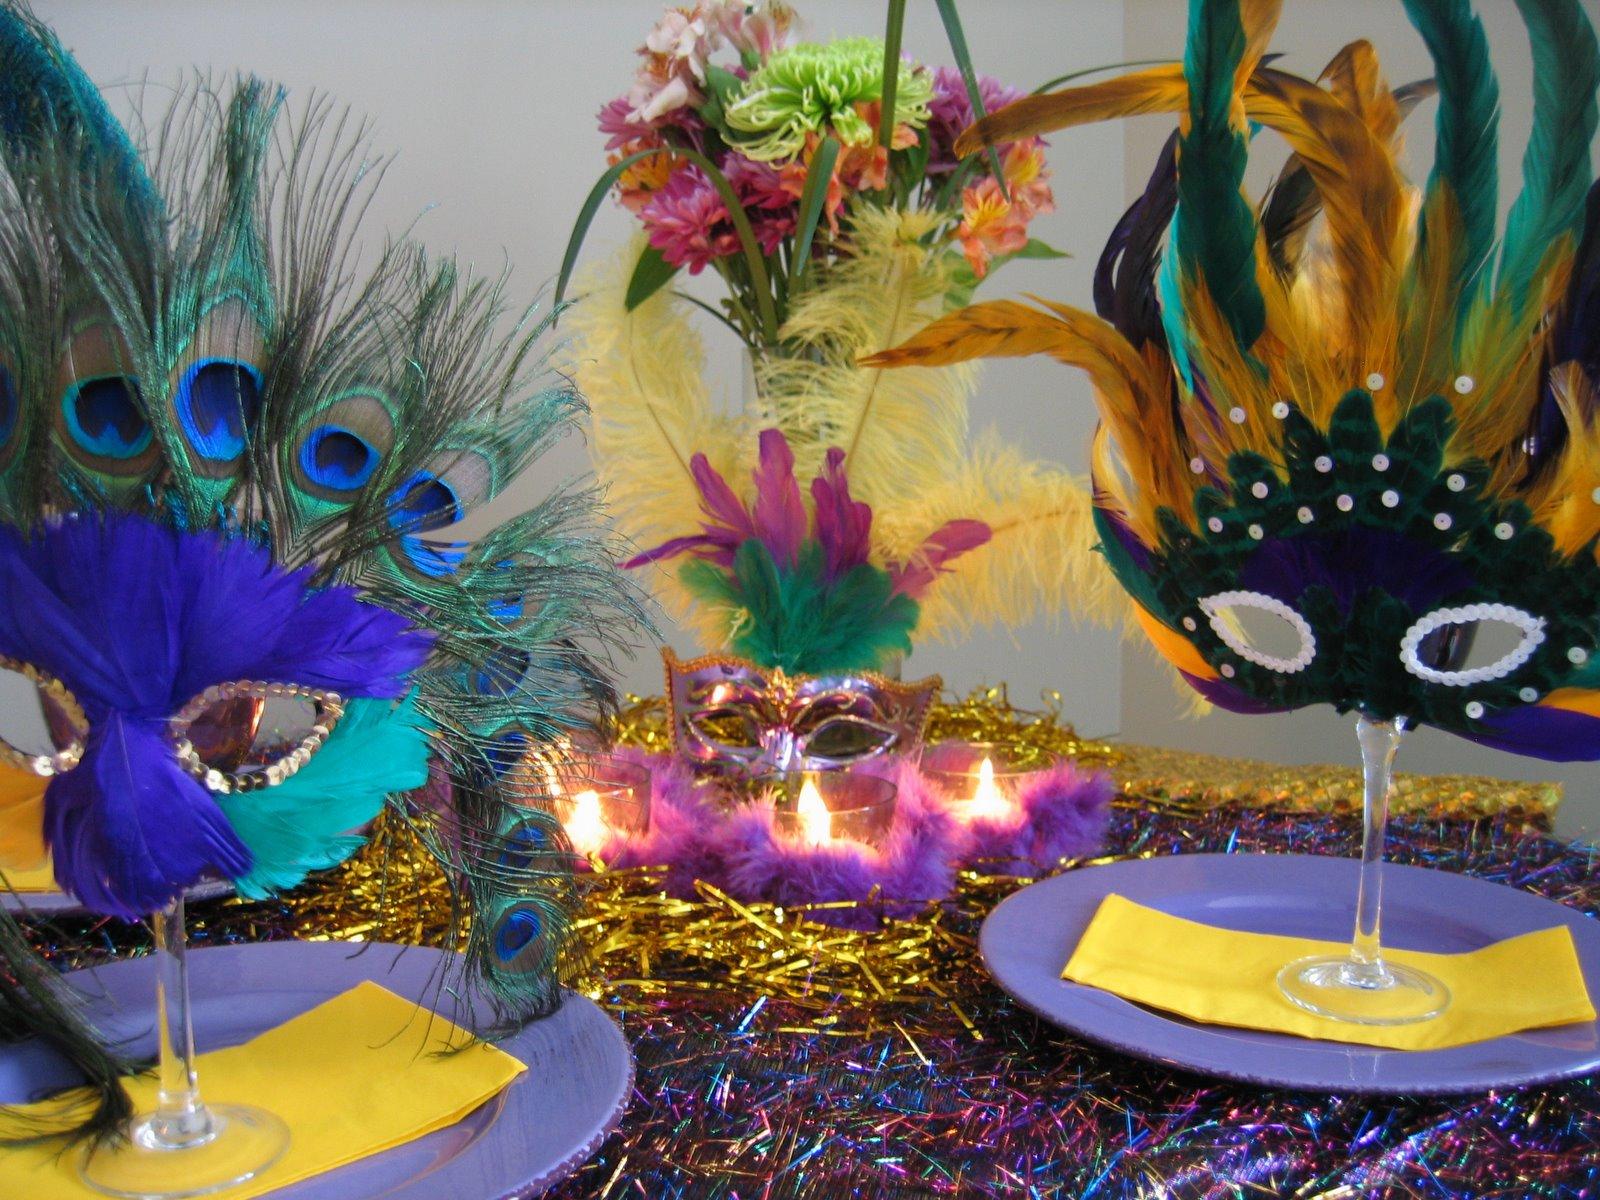 Mardi gras table setting ideas oh my creative - Decorare la tavola per carnevale ...